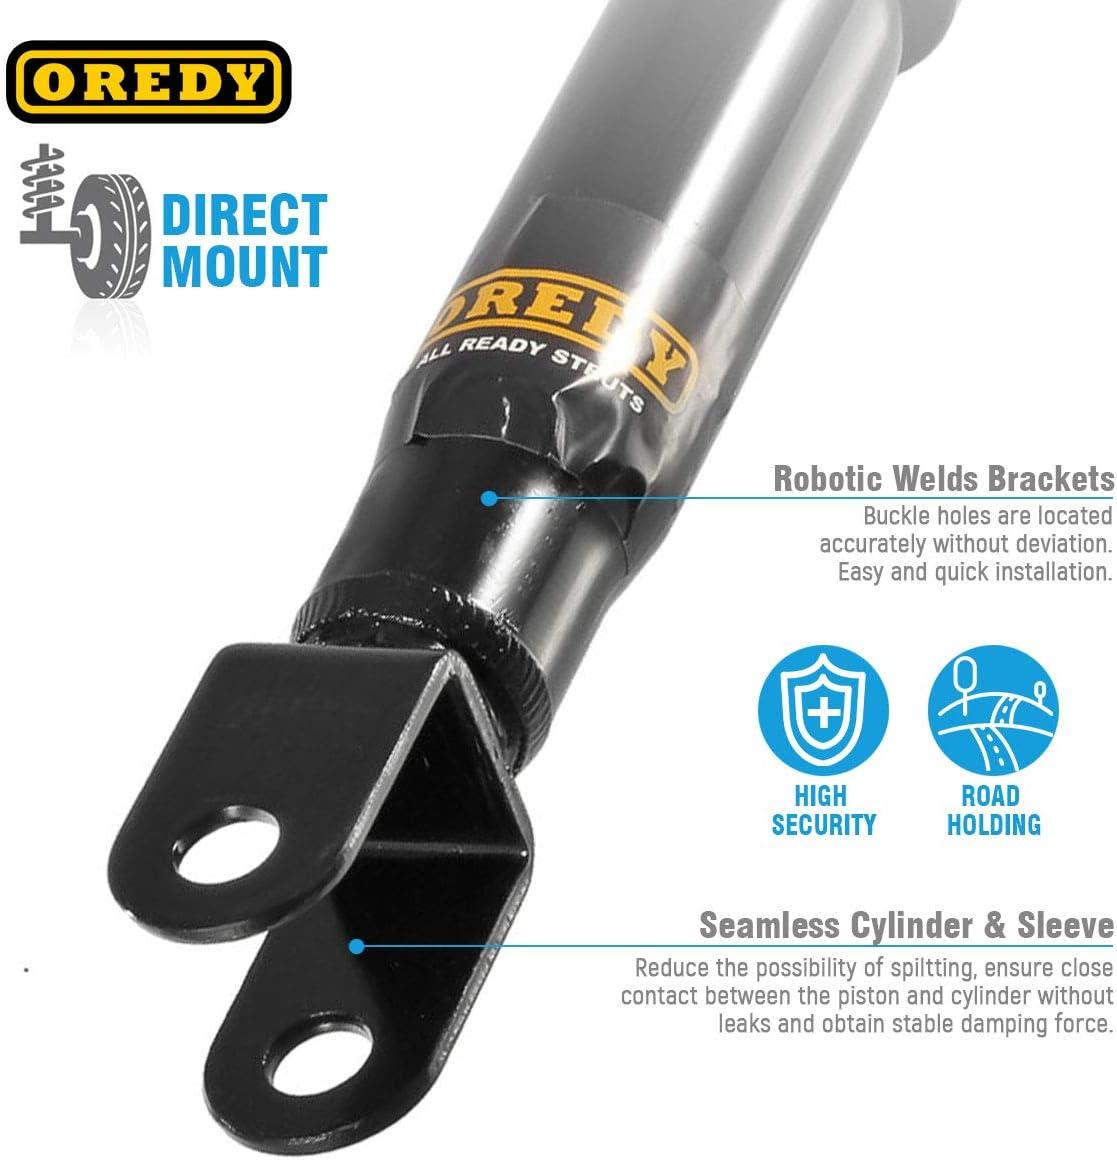 OREDY Front Rear Shock Absorbers Shocks Strut Kit 344381 37151 344386 37152 Compatible with Silverado//Sierra 1500 4WD 1999 2000 2001 2002 2003 2004 2005 2006